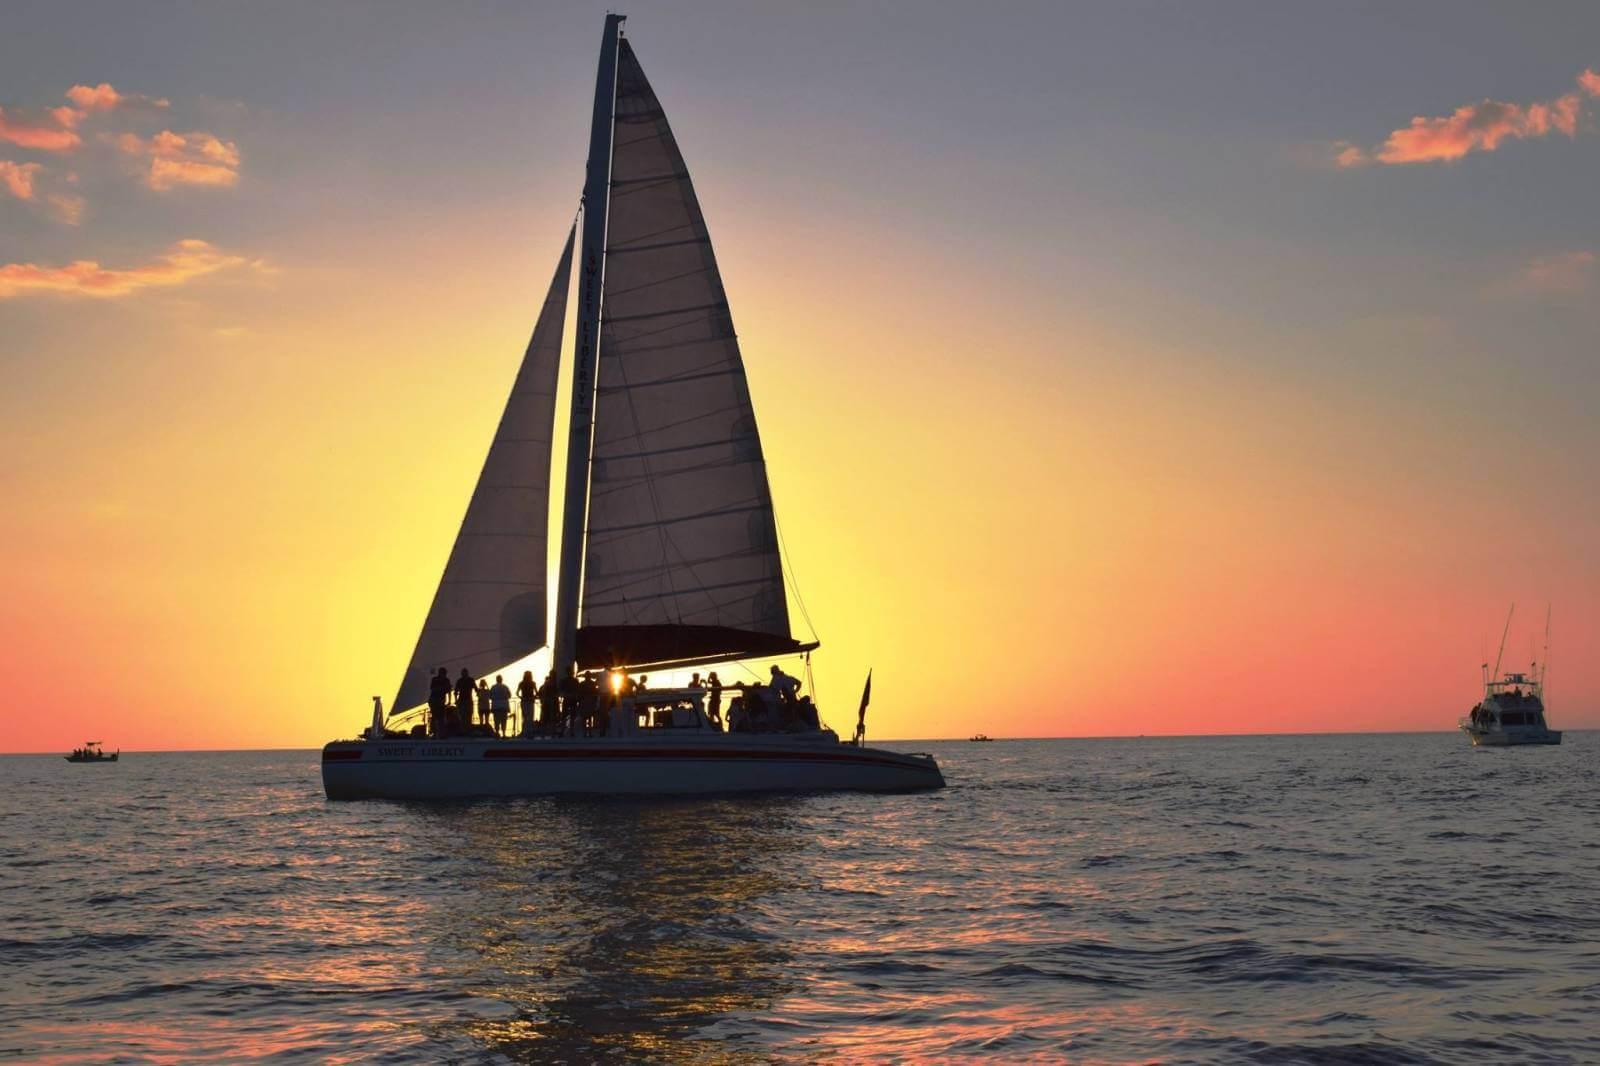 Sweet Liberty Sailing catamaran Naples, Florida sunset cruise.